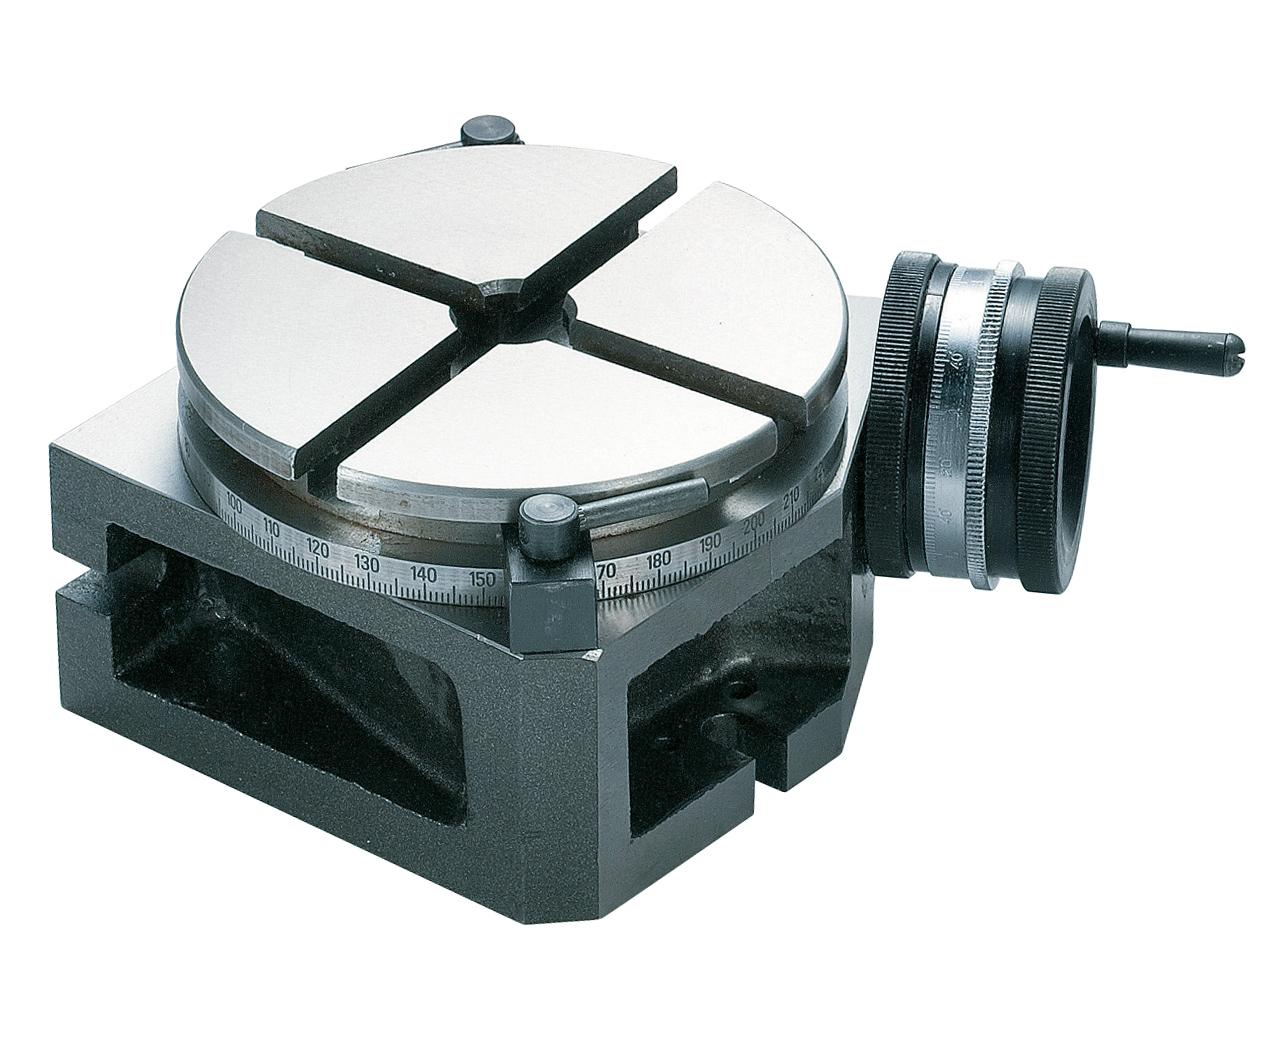 Stół okrągły pionowy i poziomy RT 5 - 125 mm BERNARDO